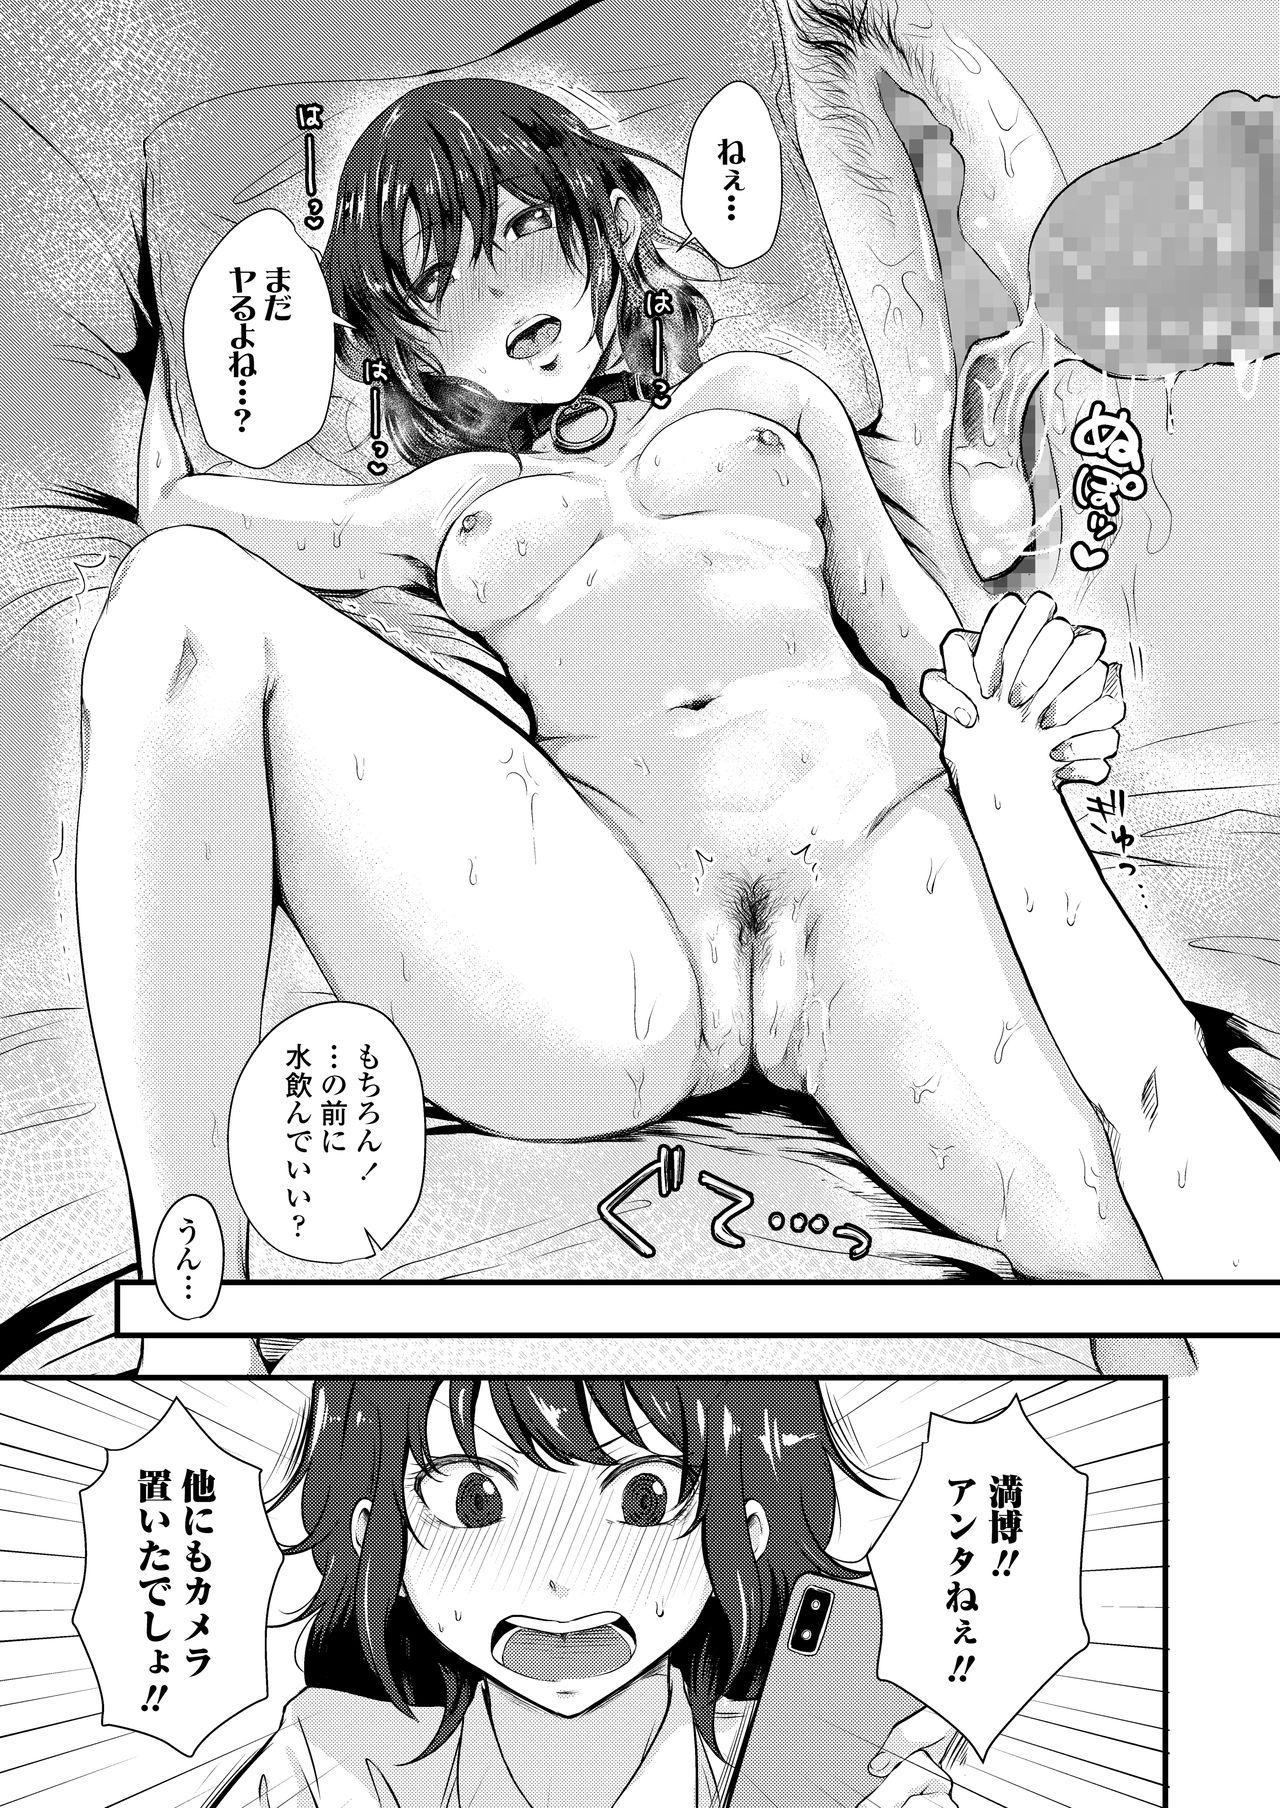 COMIC AOHA 2021 Natsu 284